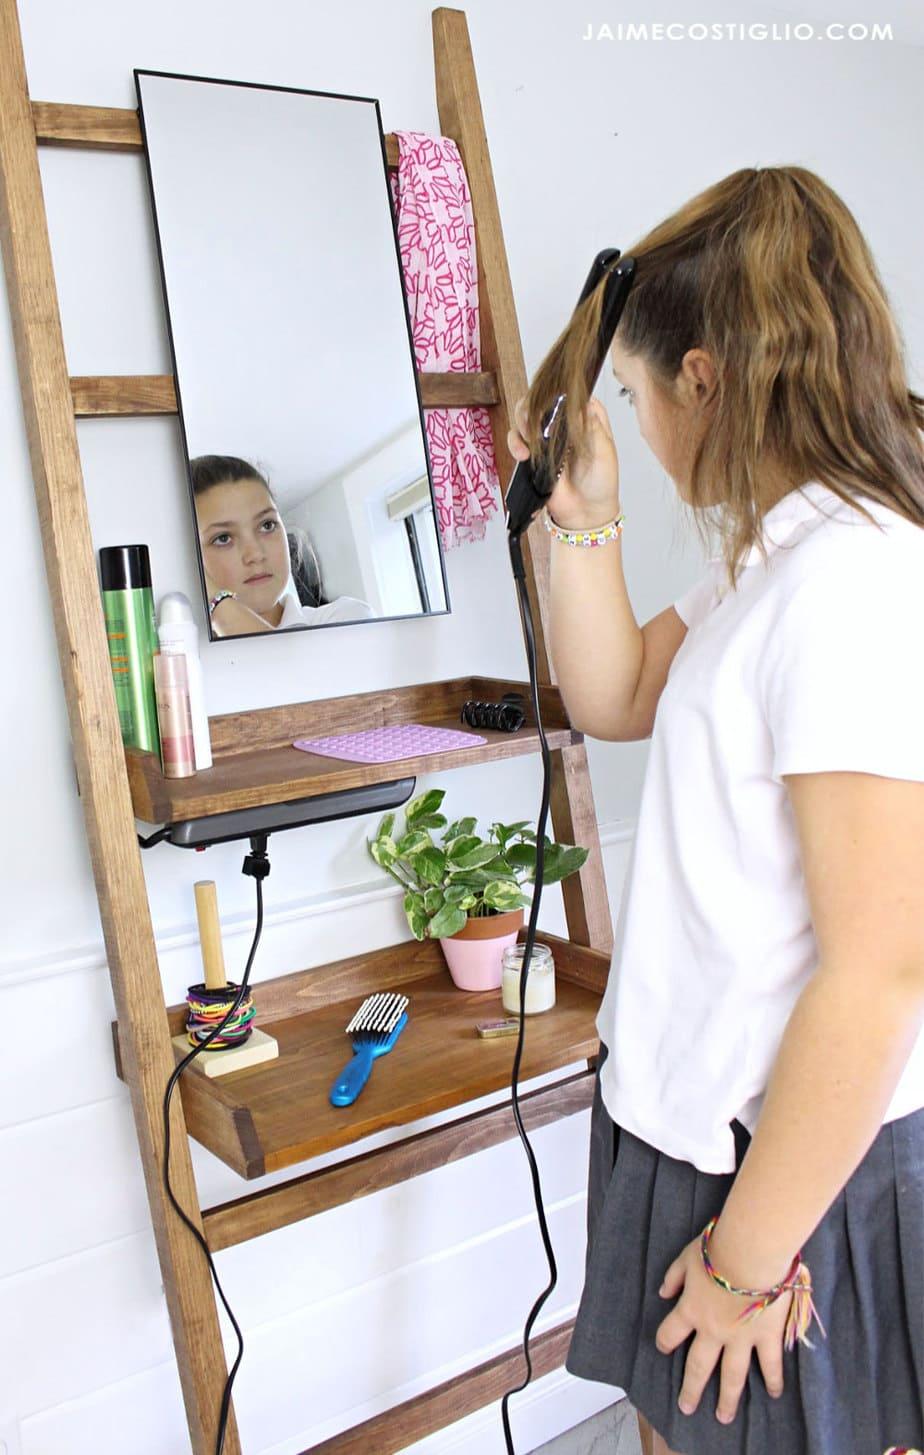 teenager leaning vanity